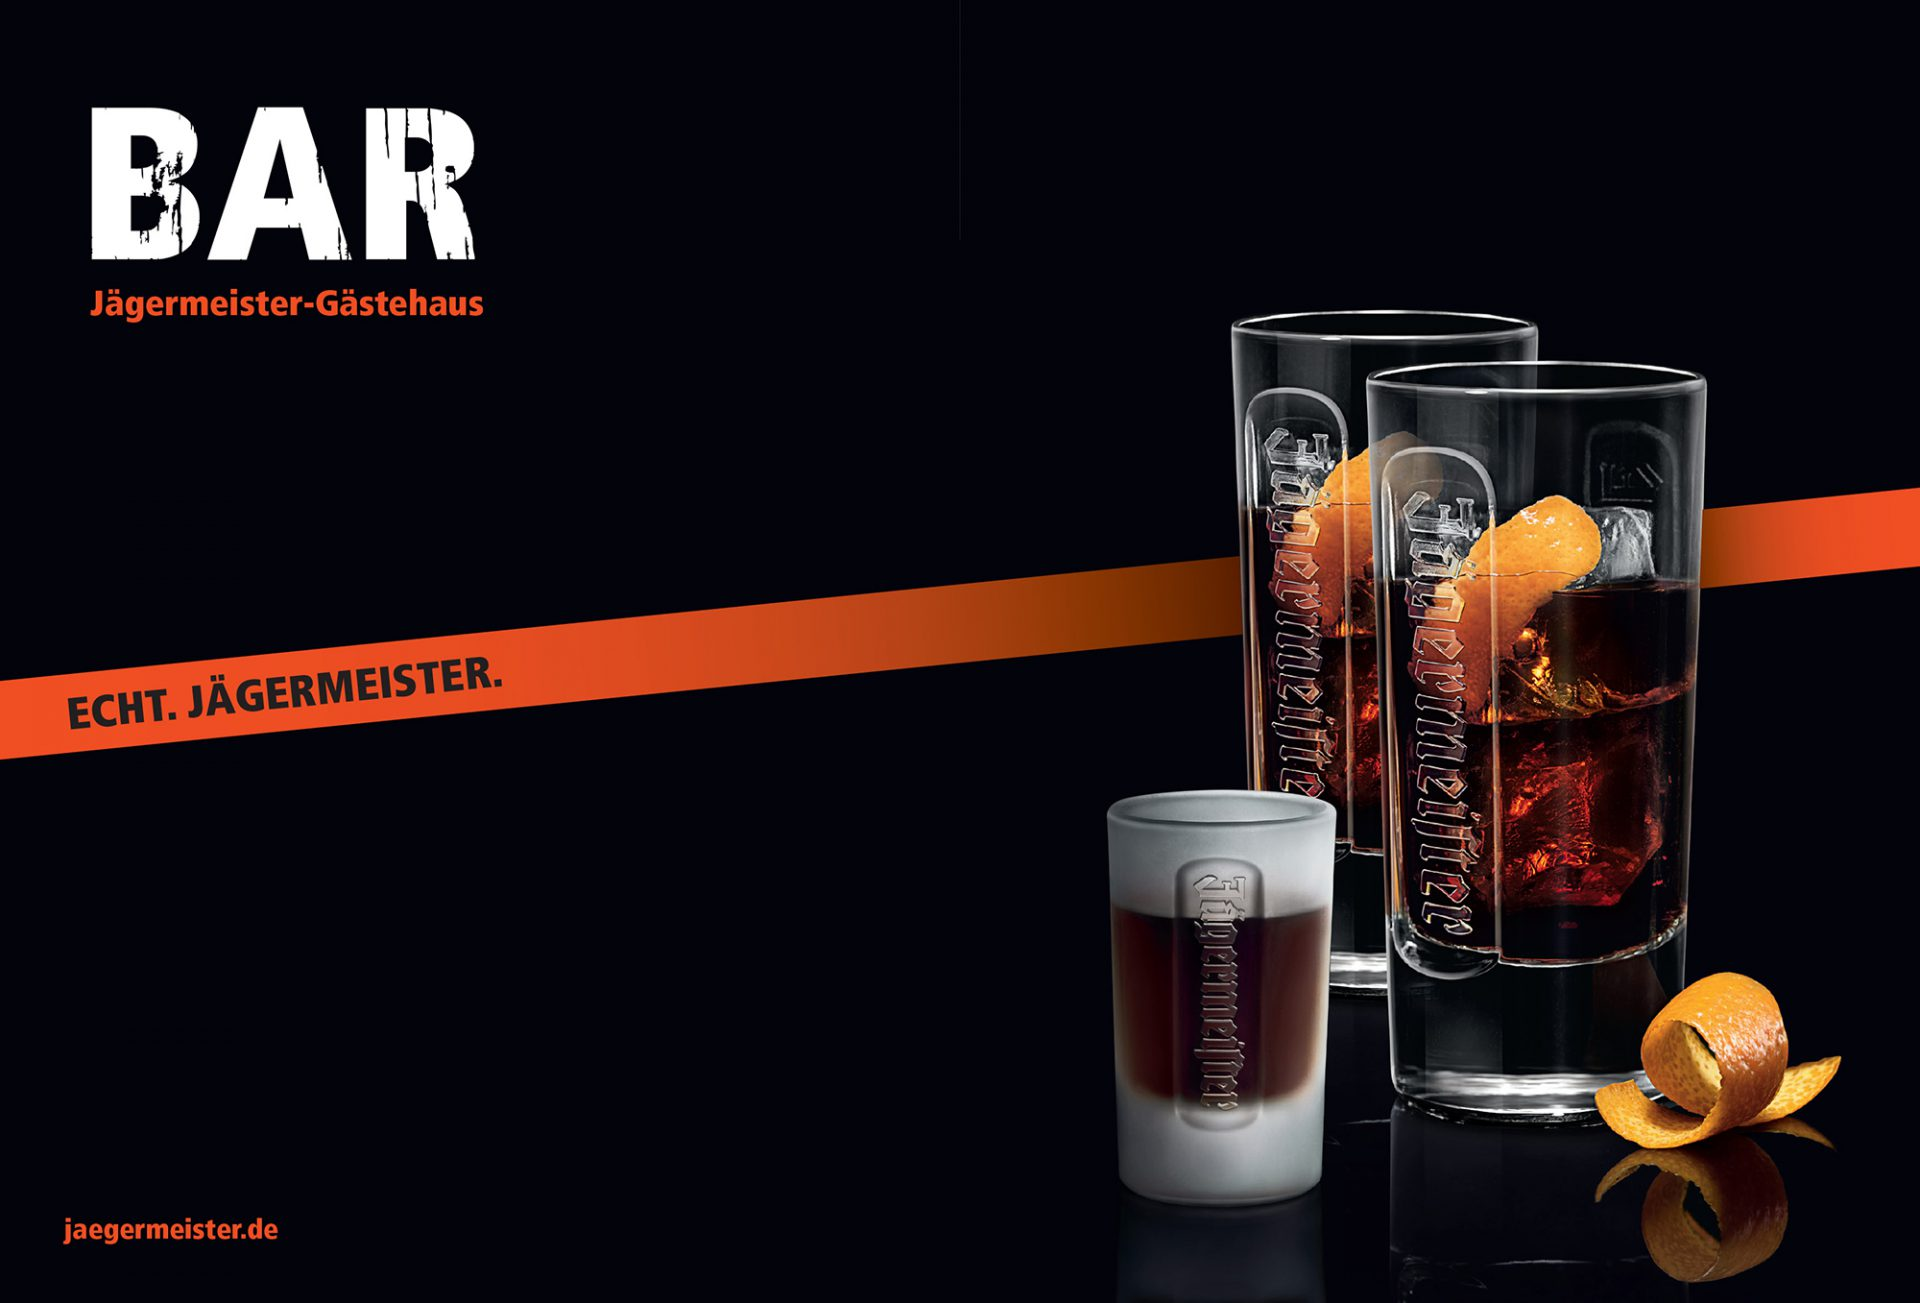 Jägermeister als Mixed Drink, zum Beispiel mit Cola und Orange. Brand Design von Realgestalt